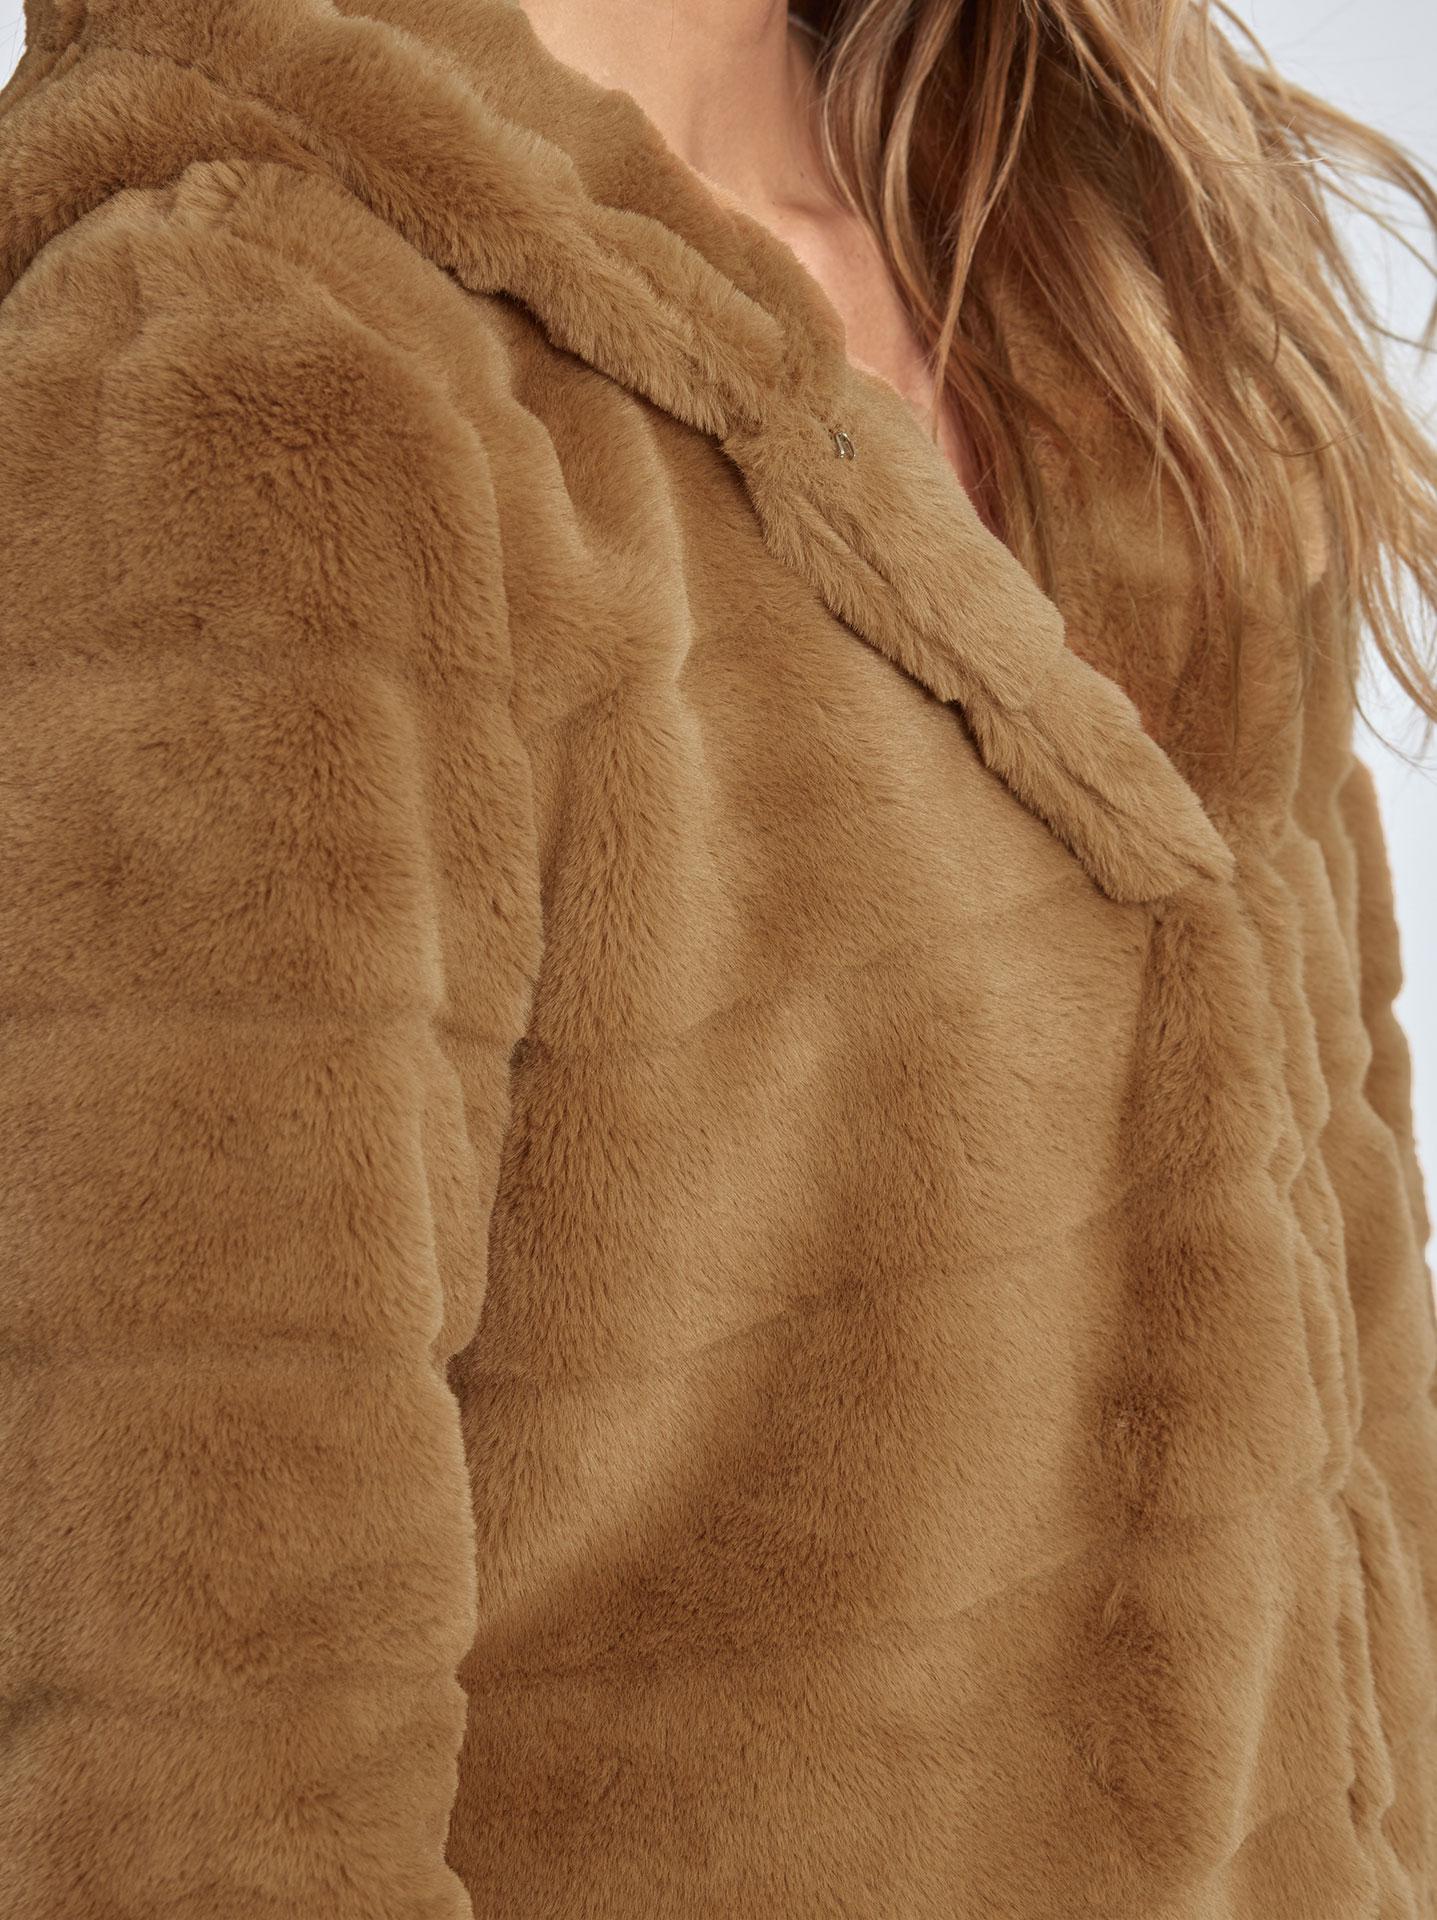 Παλτό από οικολογική-συνθετική γούνα σε καμηλο 67dc8b70bf3